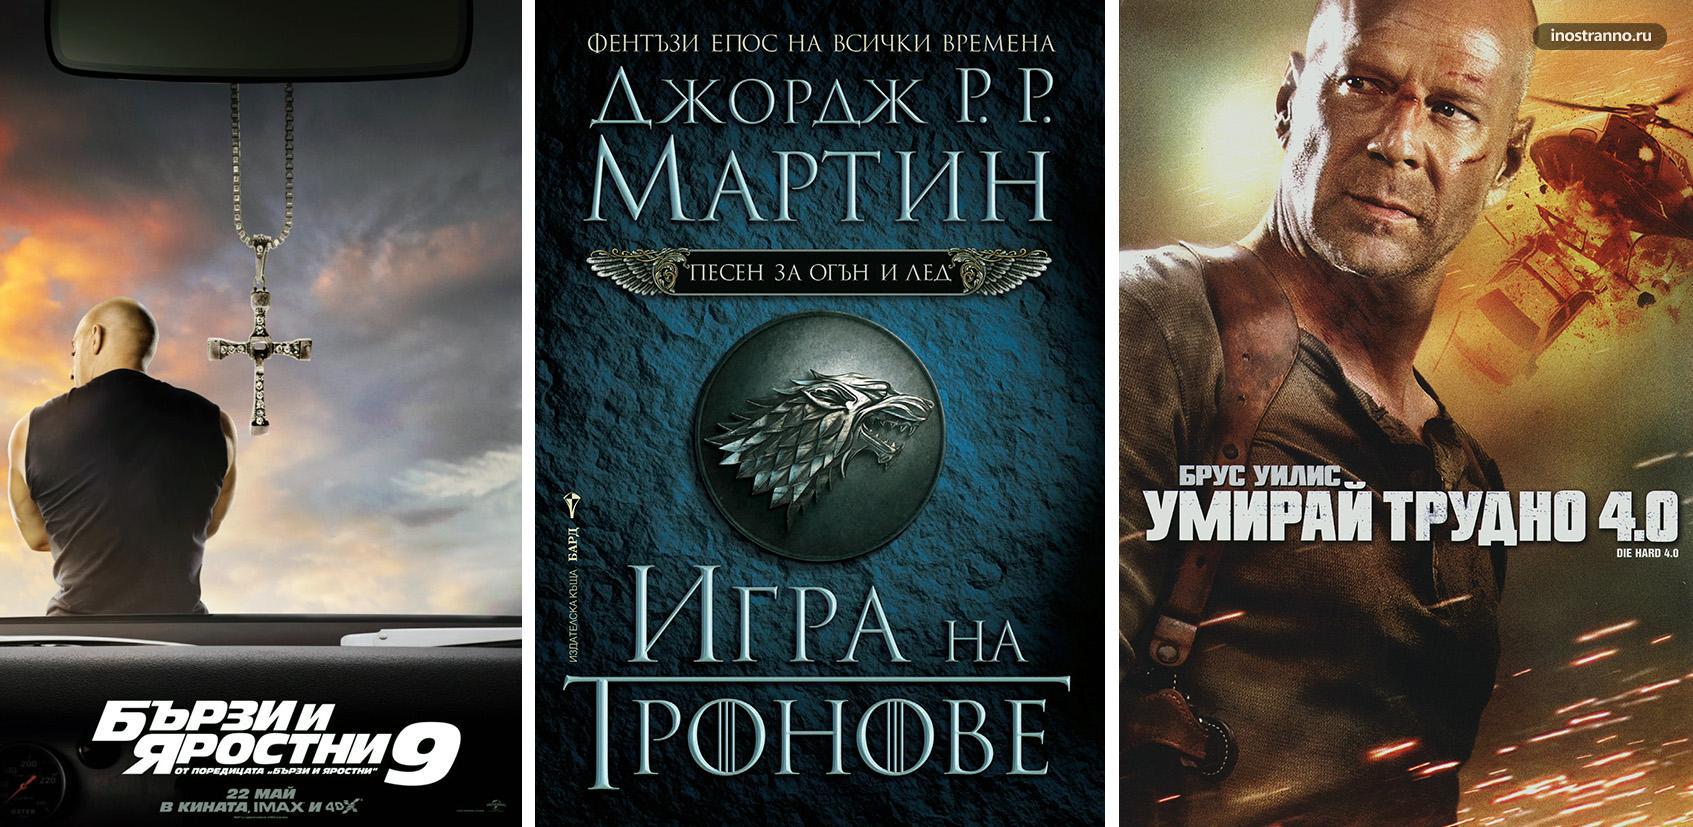 Смешные названия фильмов по болгарски